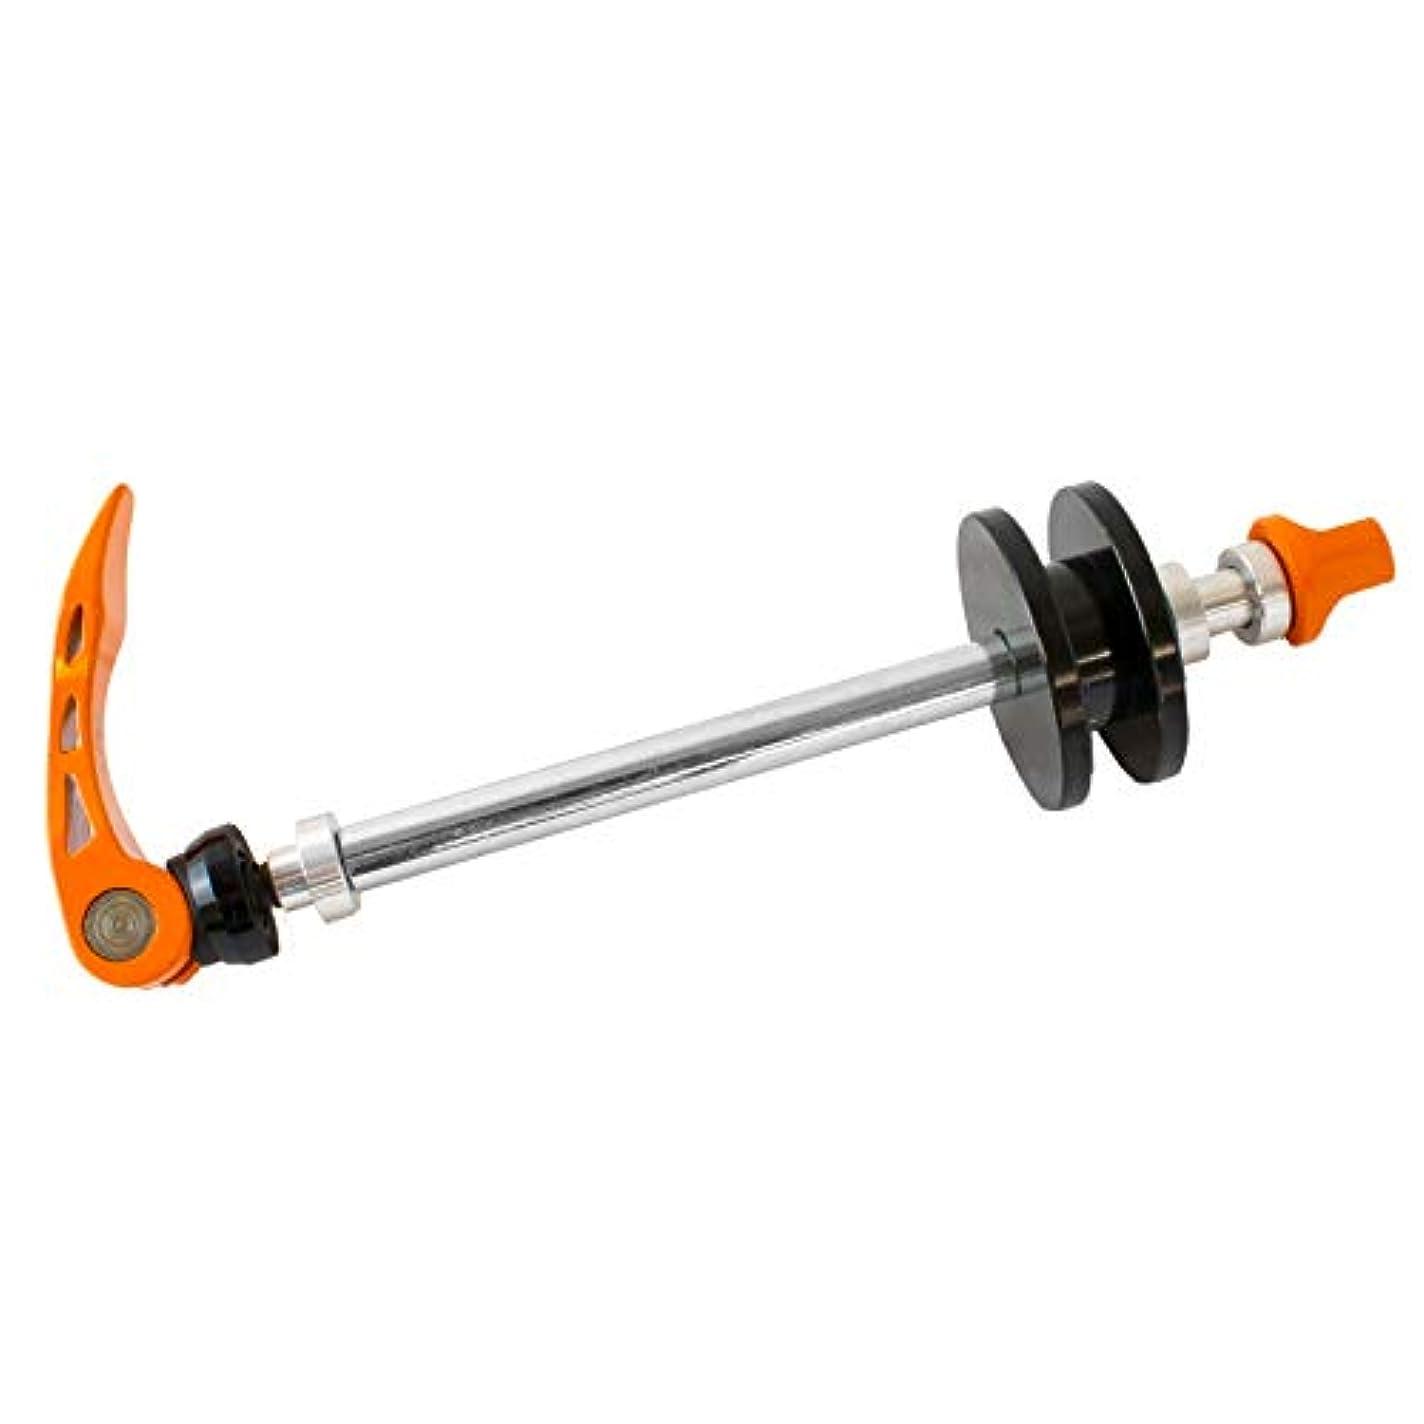 糞クラッシュ尊敬するGORIX ゴリックス チェーンキーパー 自転車 [ チェーン固定 洗車 輪行 メンテナンス ロードバイク ] (130mm/135mm) GX-3322